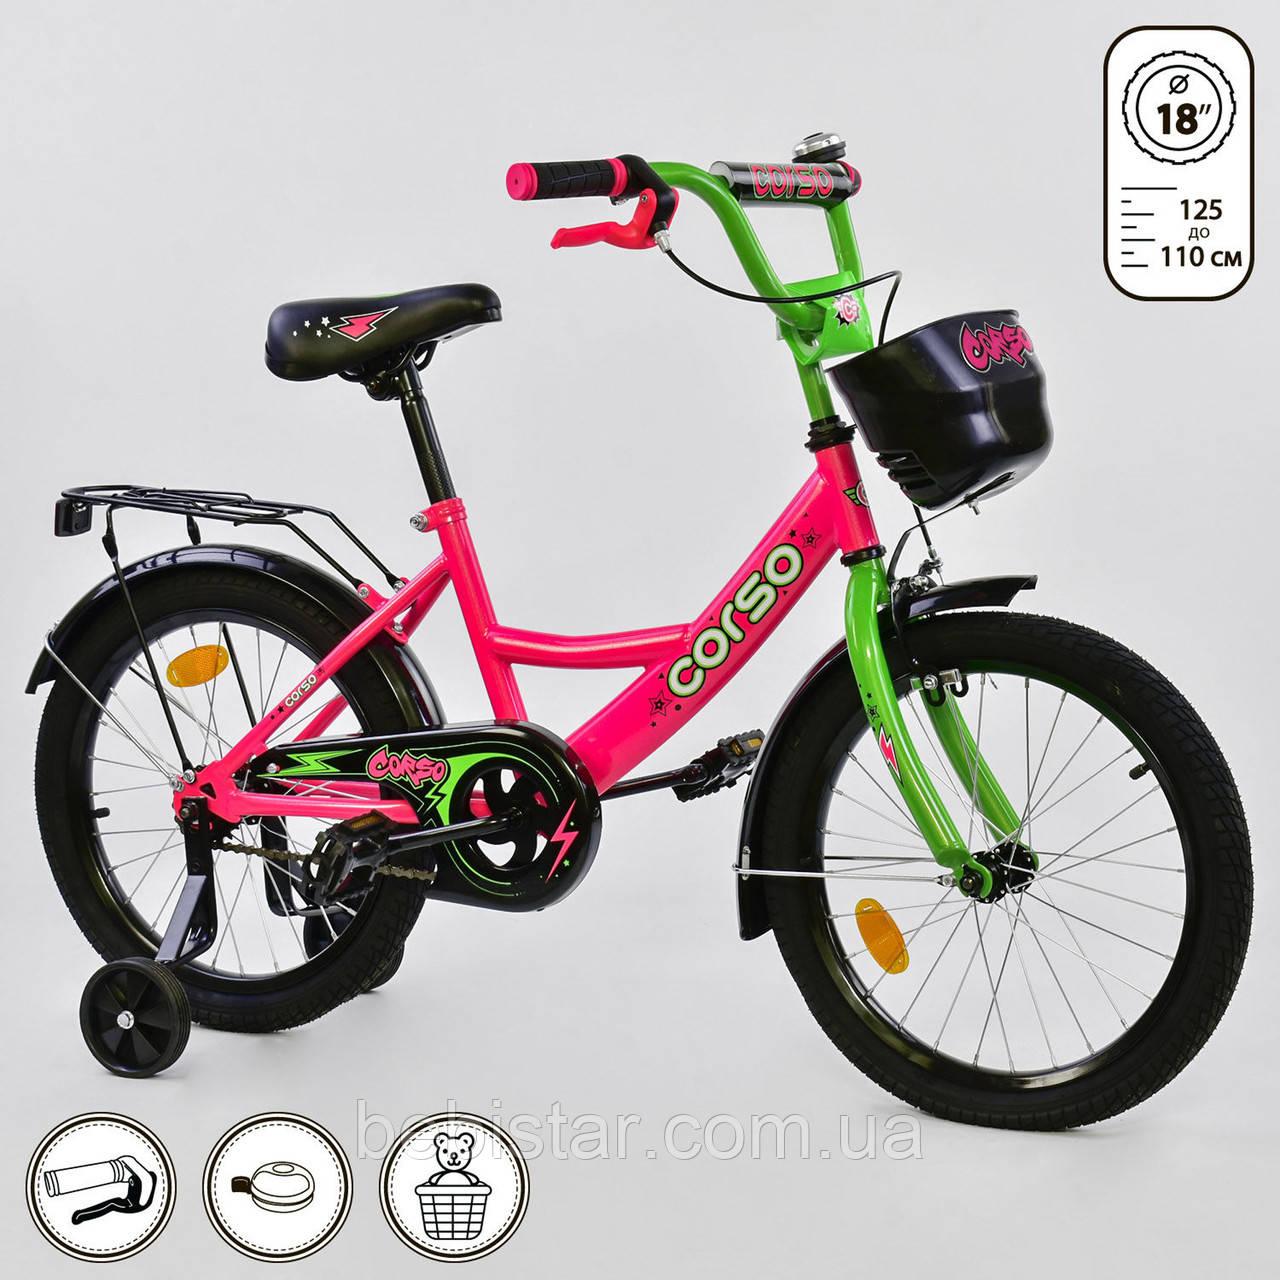 """Дитячий двоколісний велосипед рожевий, додаткові колеса, ручне гальмо Corso 18"""" дітям 5-7 років"""